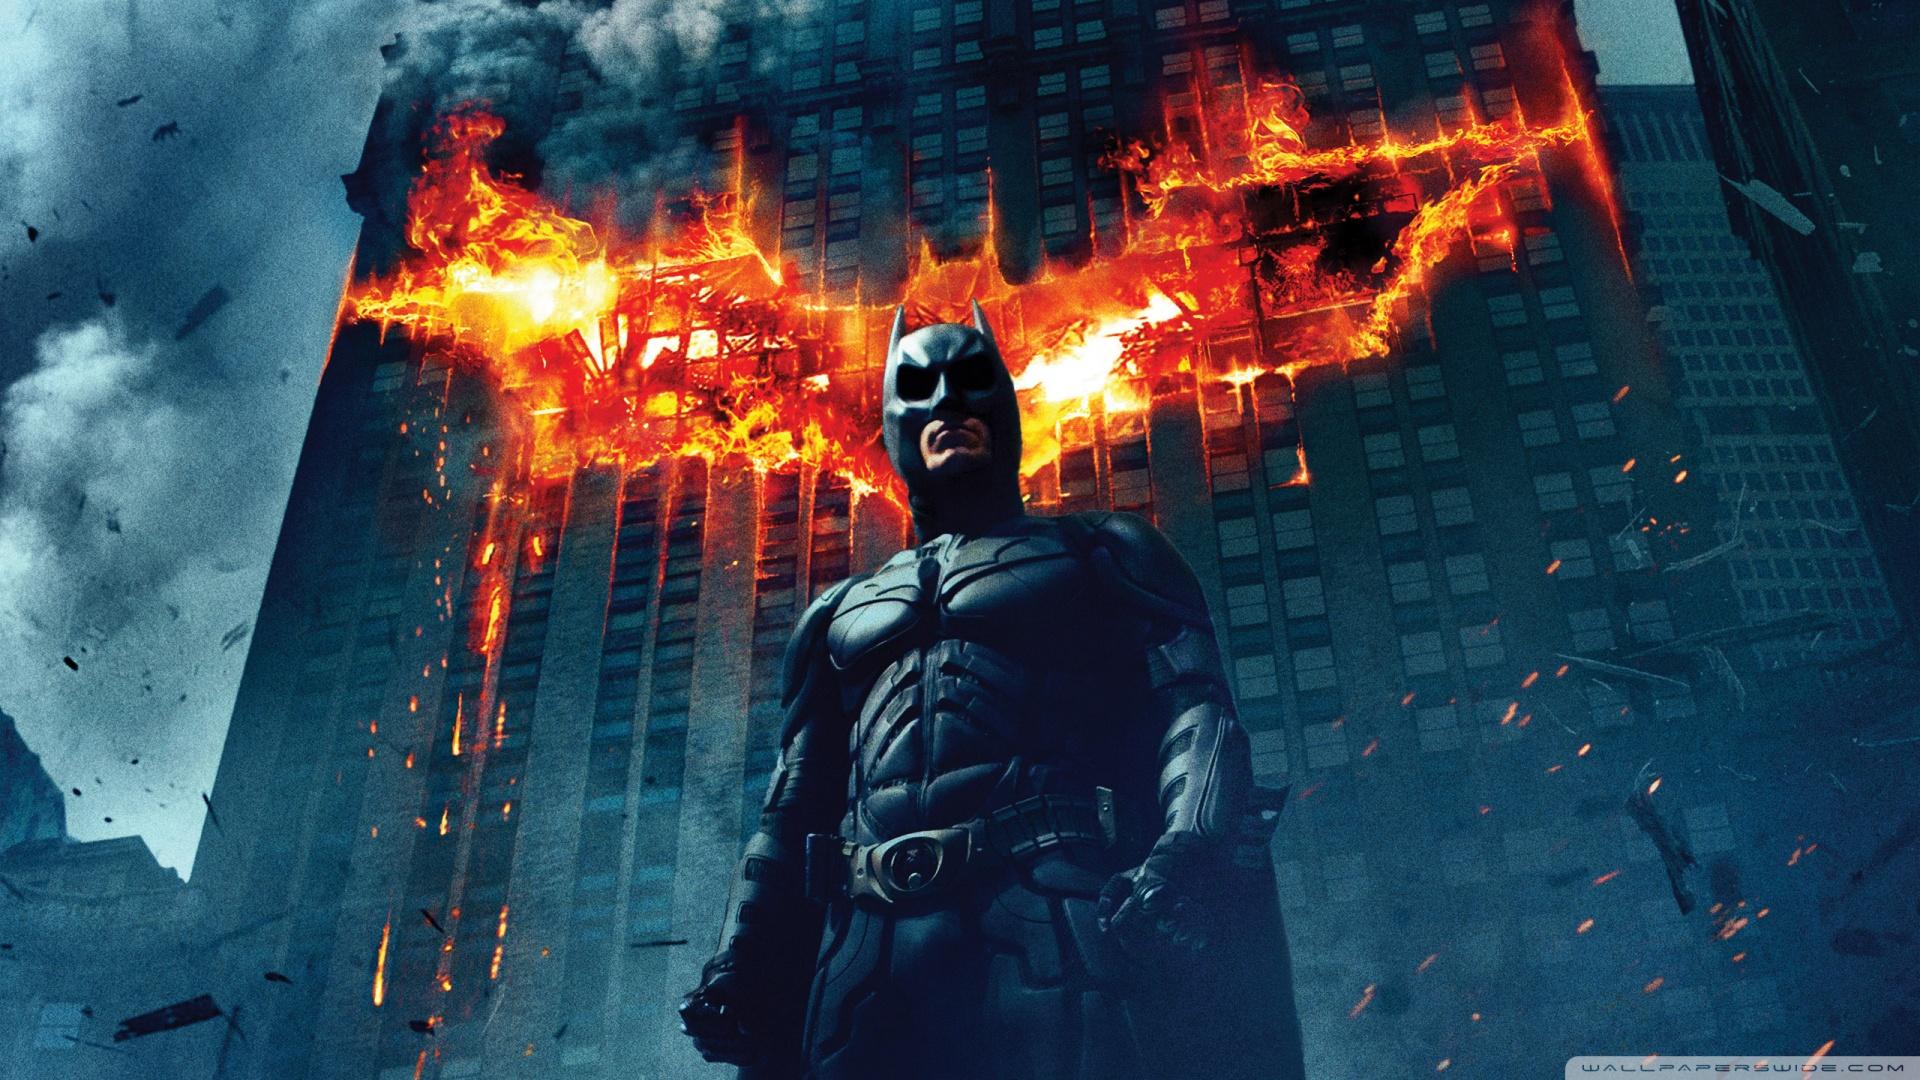 The Dark Knight 3 Wallpaper 1920x1080 Batman The Dark Knight 3 1920x1080